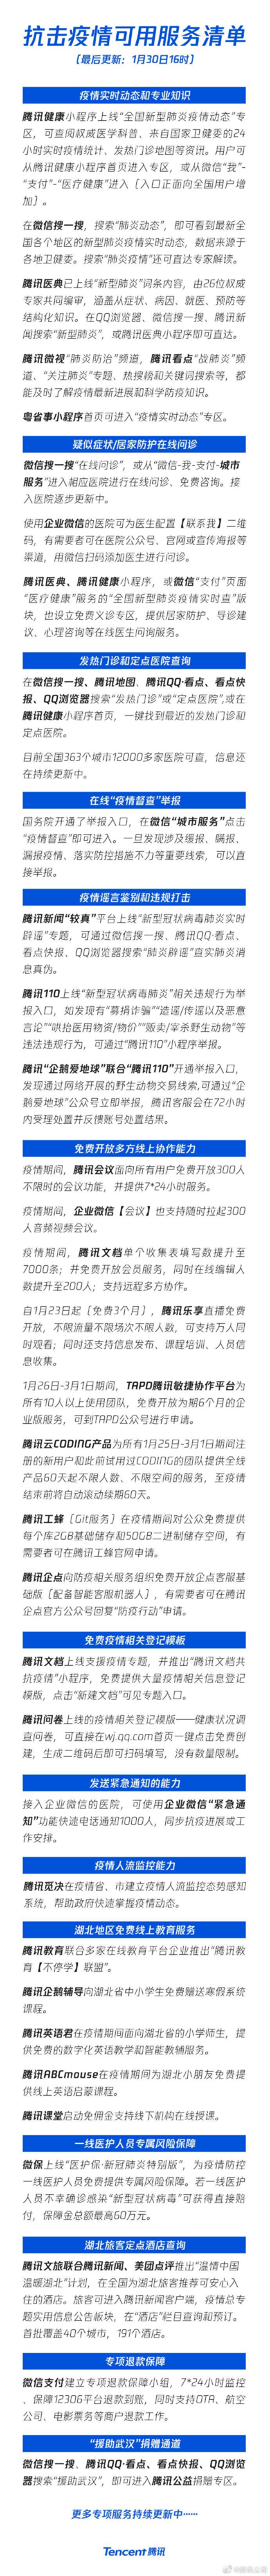 """腾讯文旅联合腾讯新闻、美团点评推出""""温情中国温暖湖北计划"""""""